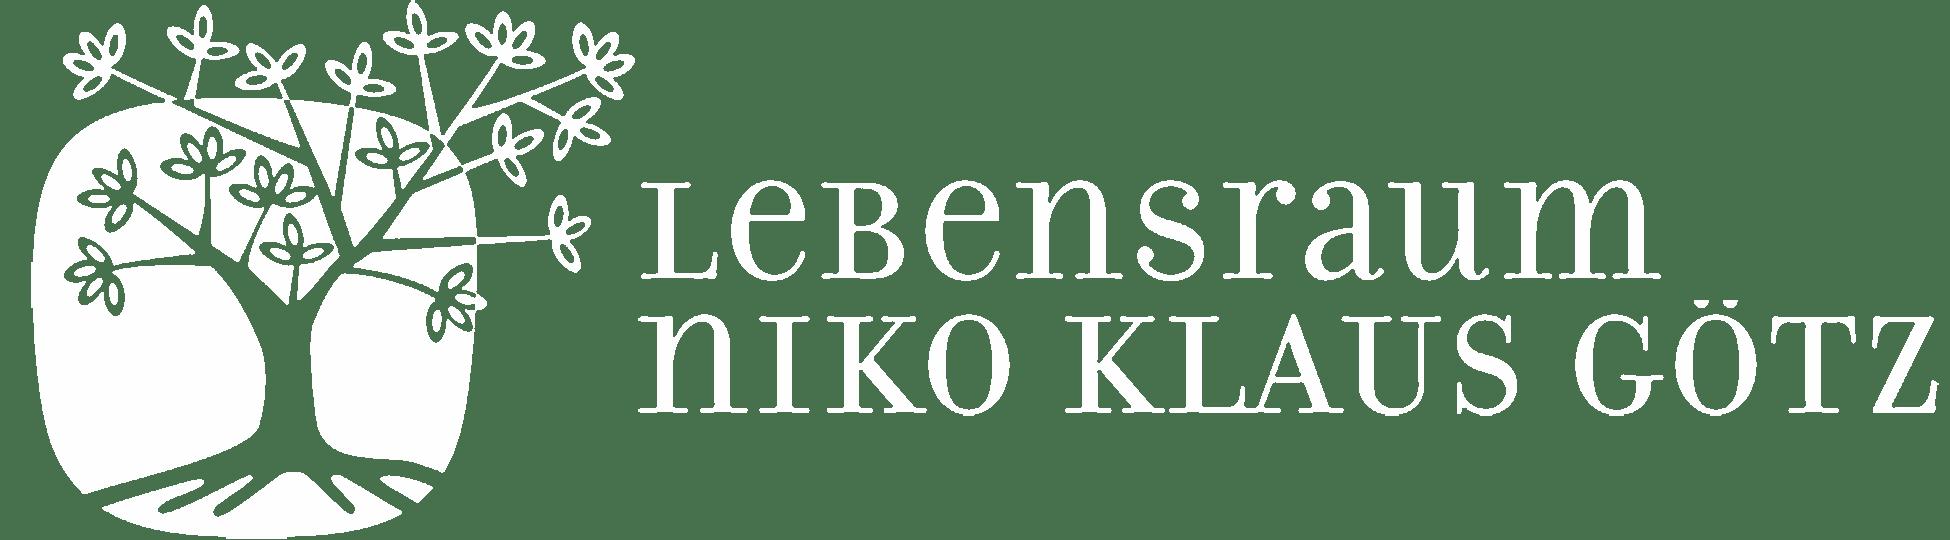 Lebensraum Niko Götz